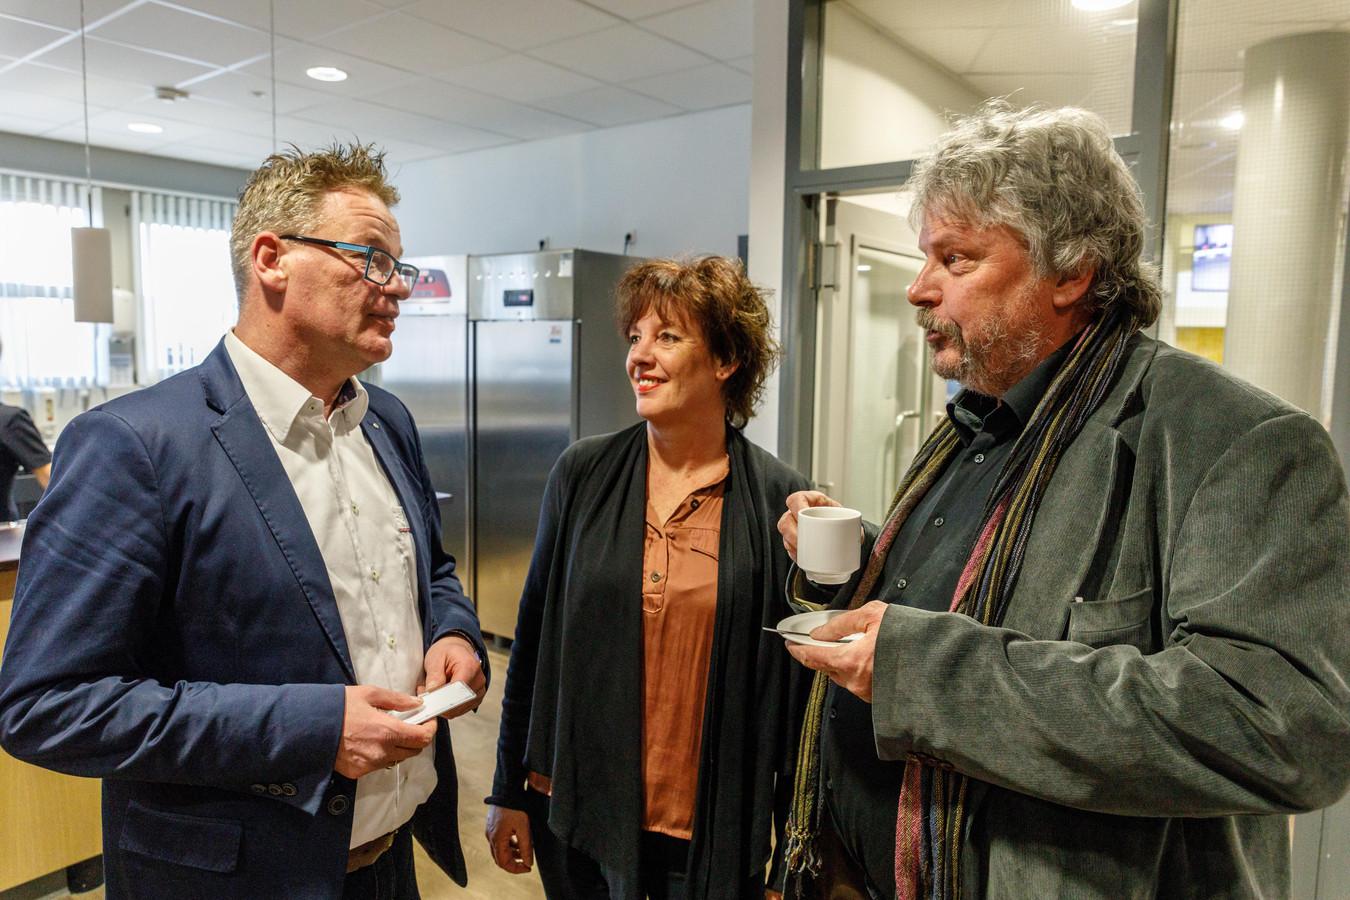 De installatie van de nieuwe gemeenteraad in 2018. Vlnr: Jannes Mulder, Aletta Makken en Ronald van Vlijmen.© wilbert bijzitter